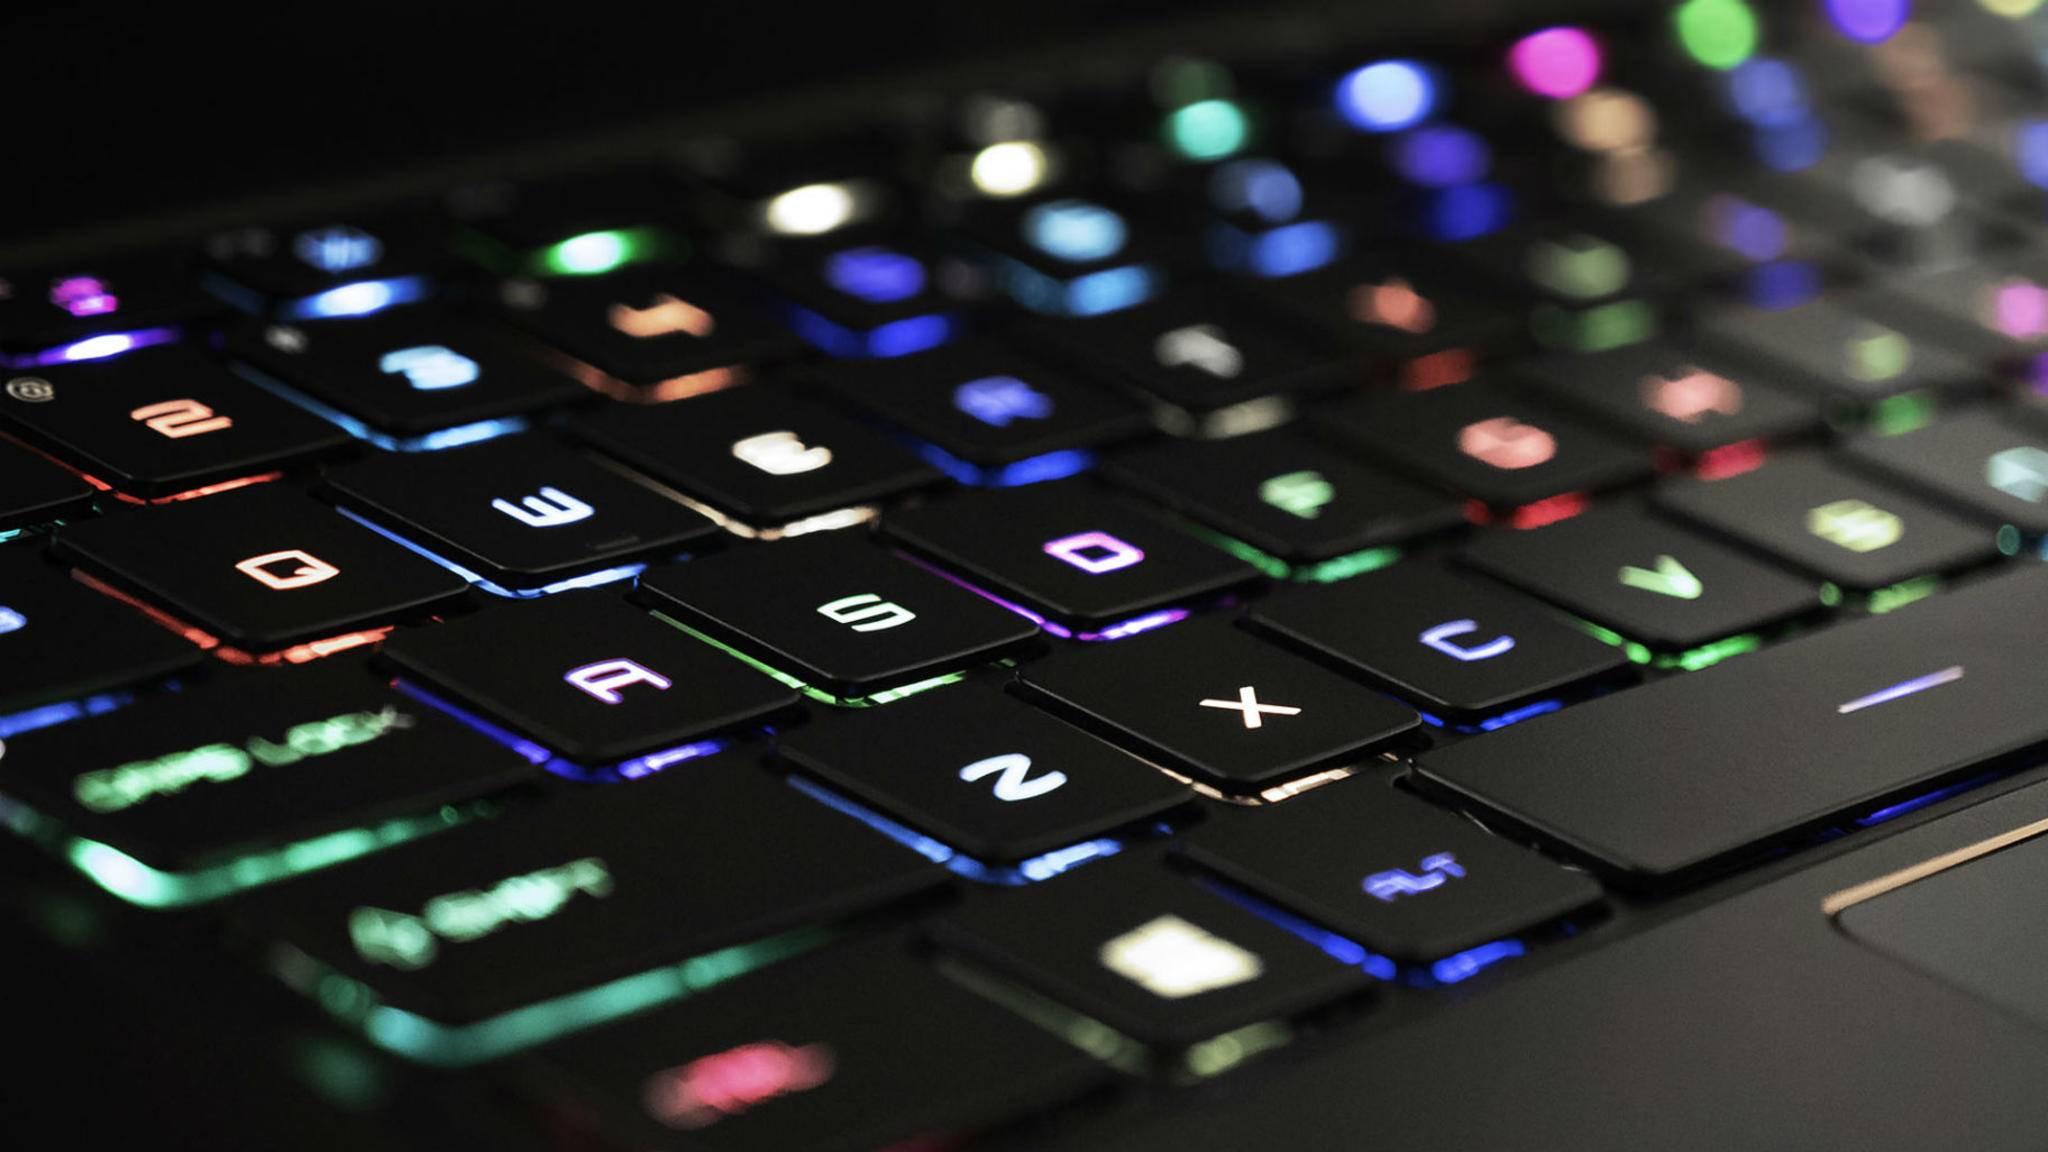 Die RGB-Tastatur ist äußerlich das einzige, das an die Gaming-Ausrichtung des GS65 erinnert.